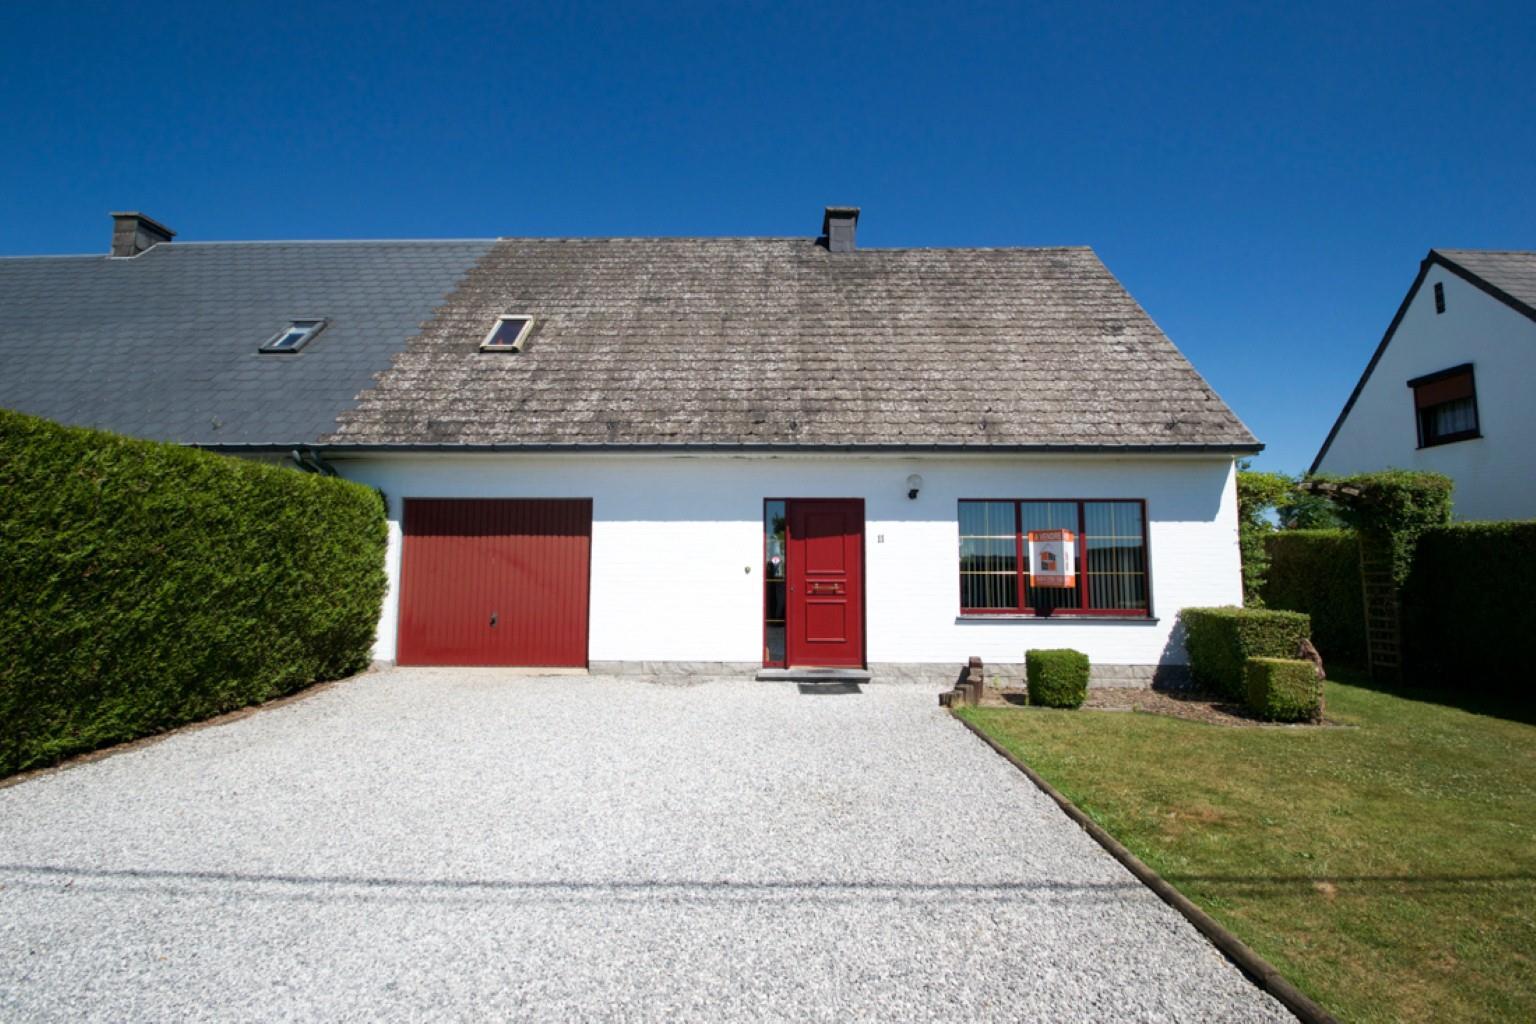 Maison - Philippeville - #3129417-2